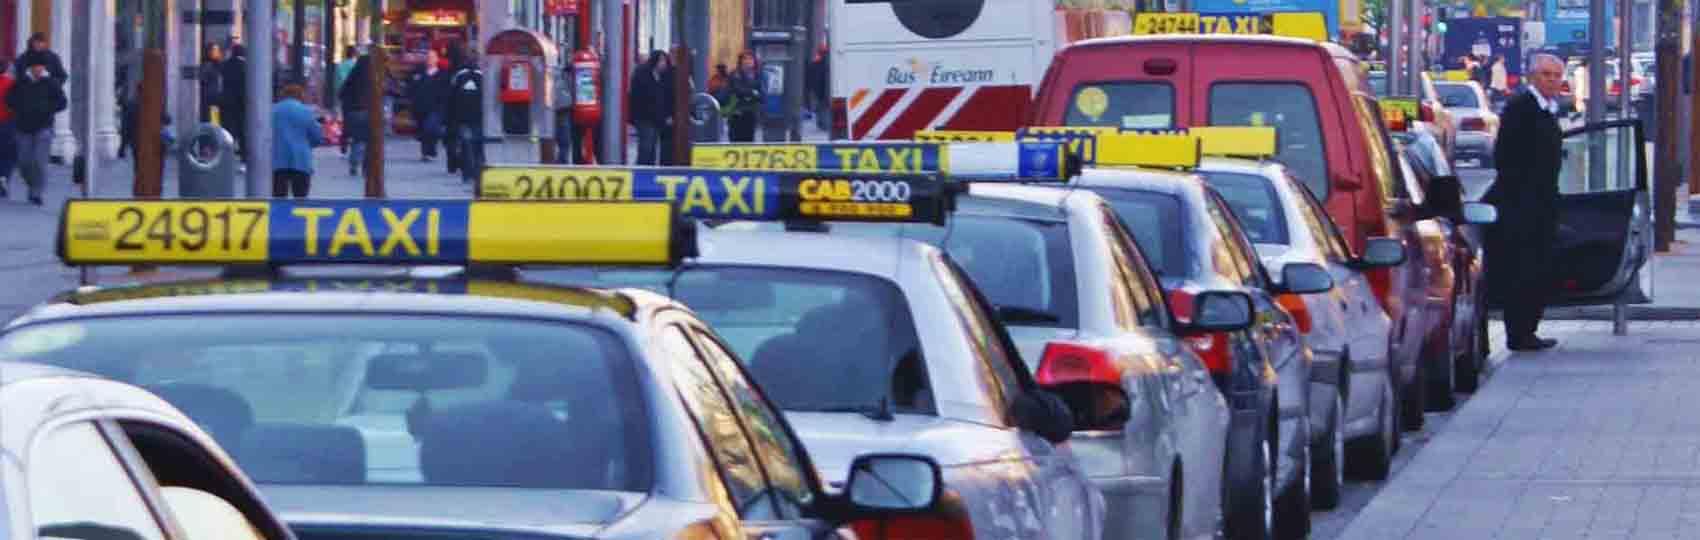 Noticias del sector del taxi y la movilidad en Irlanda. Mantente informado de todas las noticias del taxi de Irlanda en el grupo de Facebook de Todo Taxi.